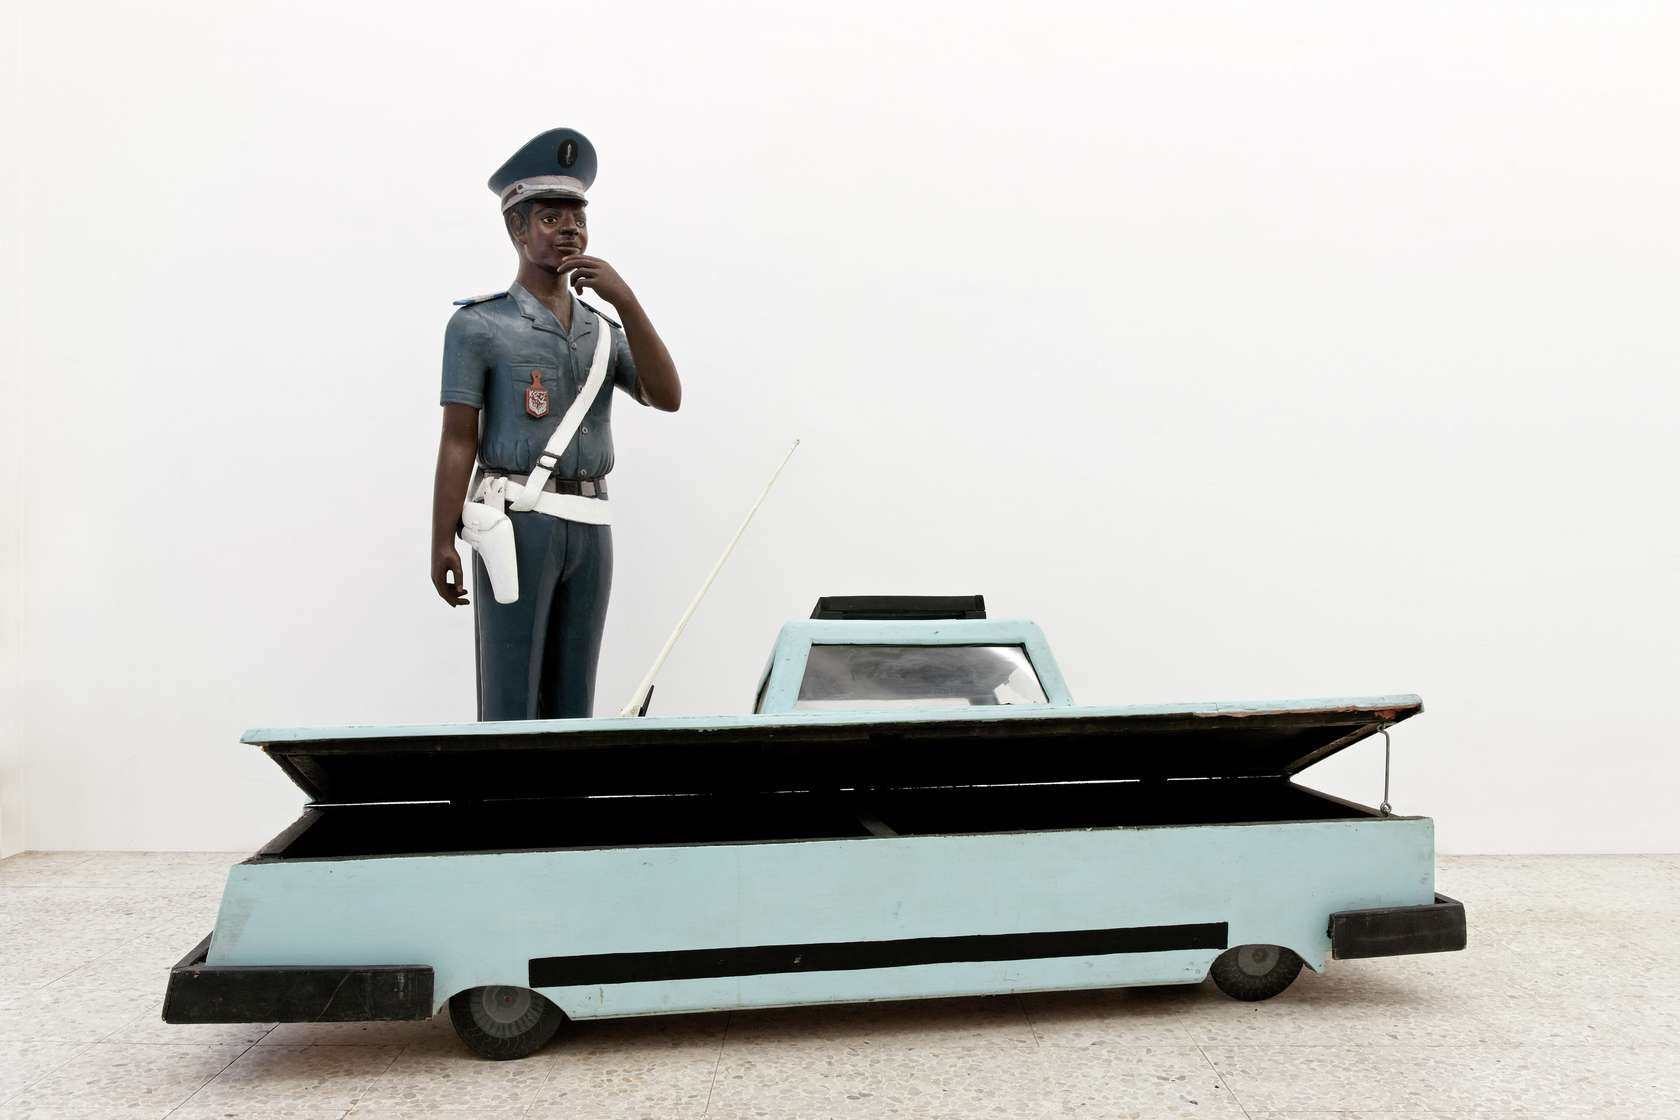 Présence Panchounette, Traffic, 1985 Mercedes-cercueuil en bois peint (par Kane Kwei), statue en bois peint (par Nicolas Damas), statuettes touristiques d'éléphants et baladeurCerceuil / Coffin 57 × 205.5 × 52.5 cm / 22 1/2 × 80 7/8 × 20 5/8 in.Sculpture 168 × 53 × 48 cm / 66 1/8 × 20 7/8 × 18 7/8 in.